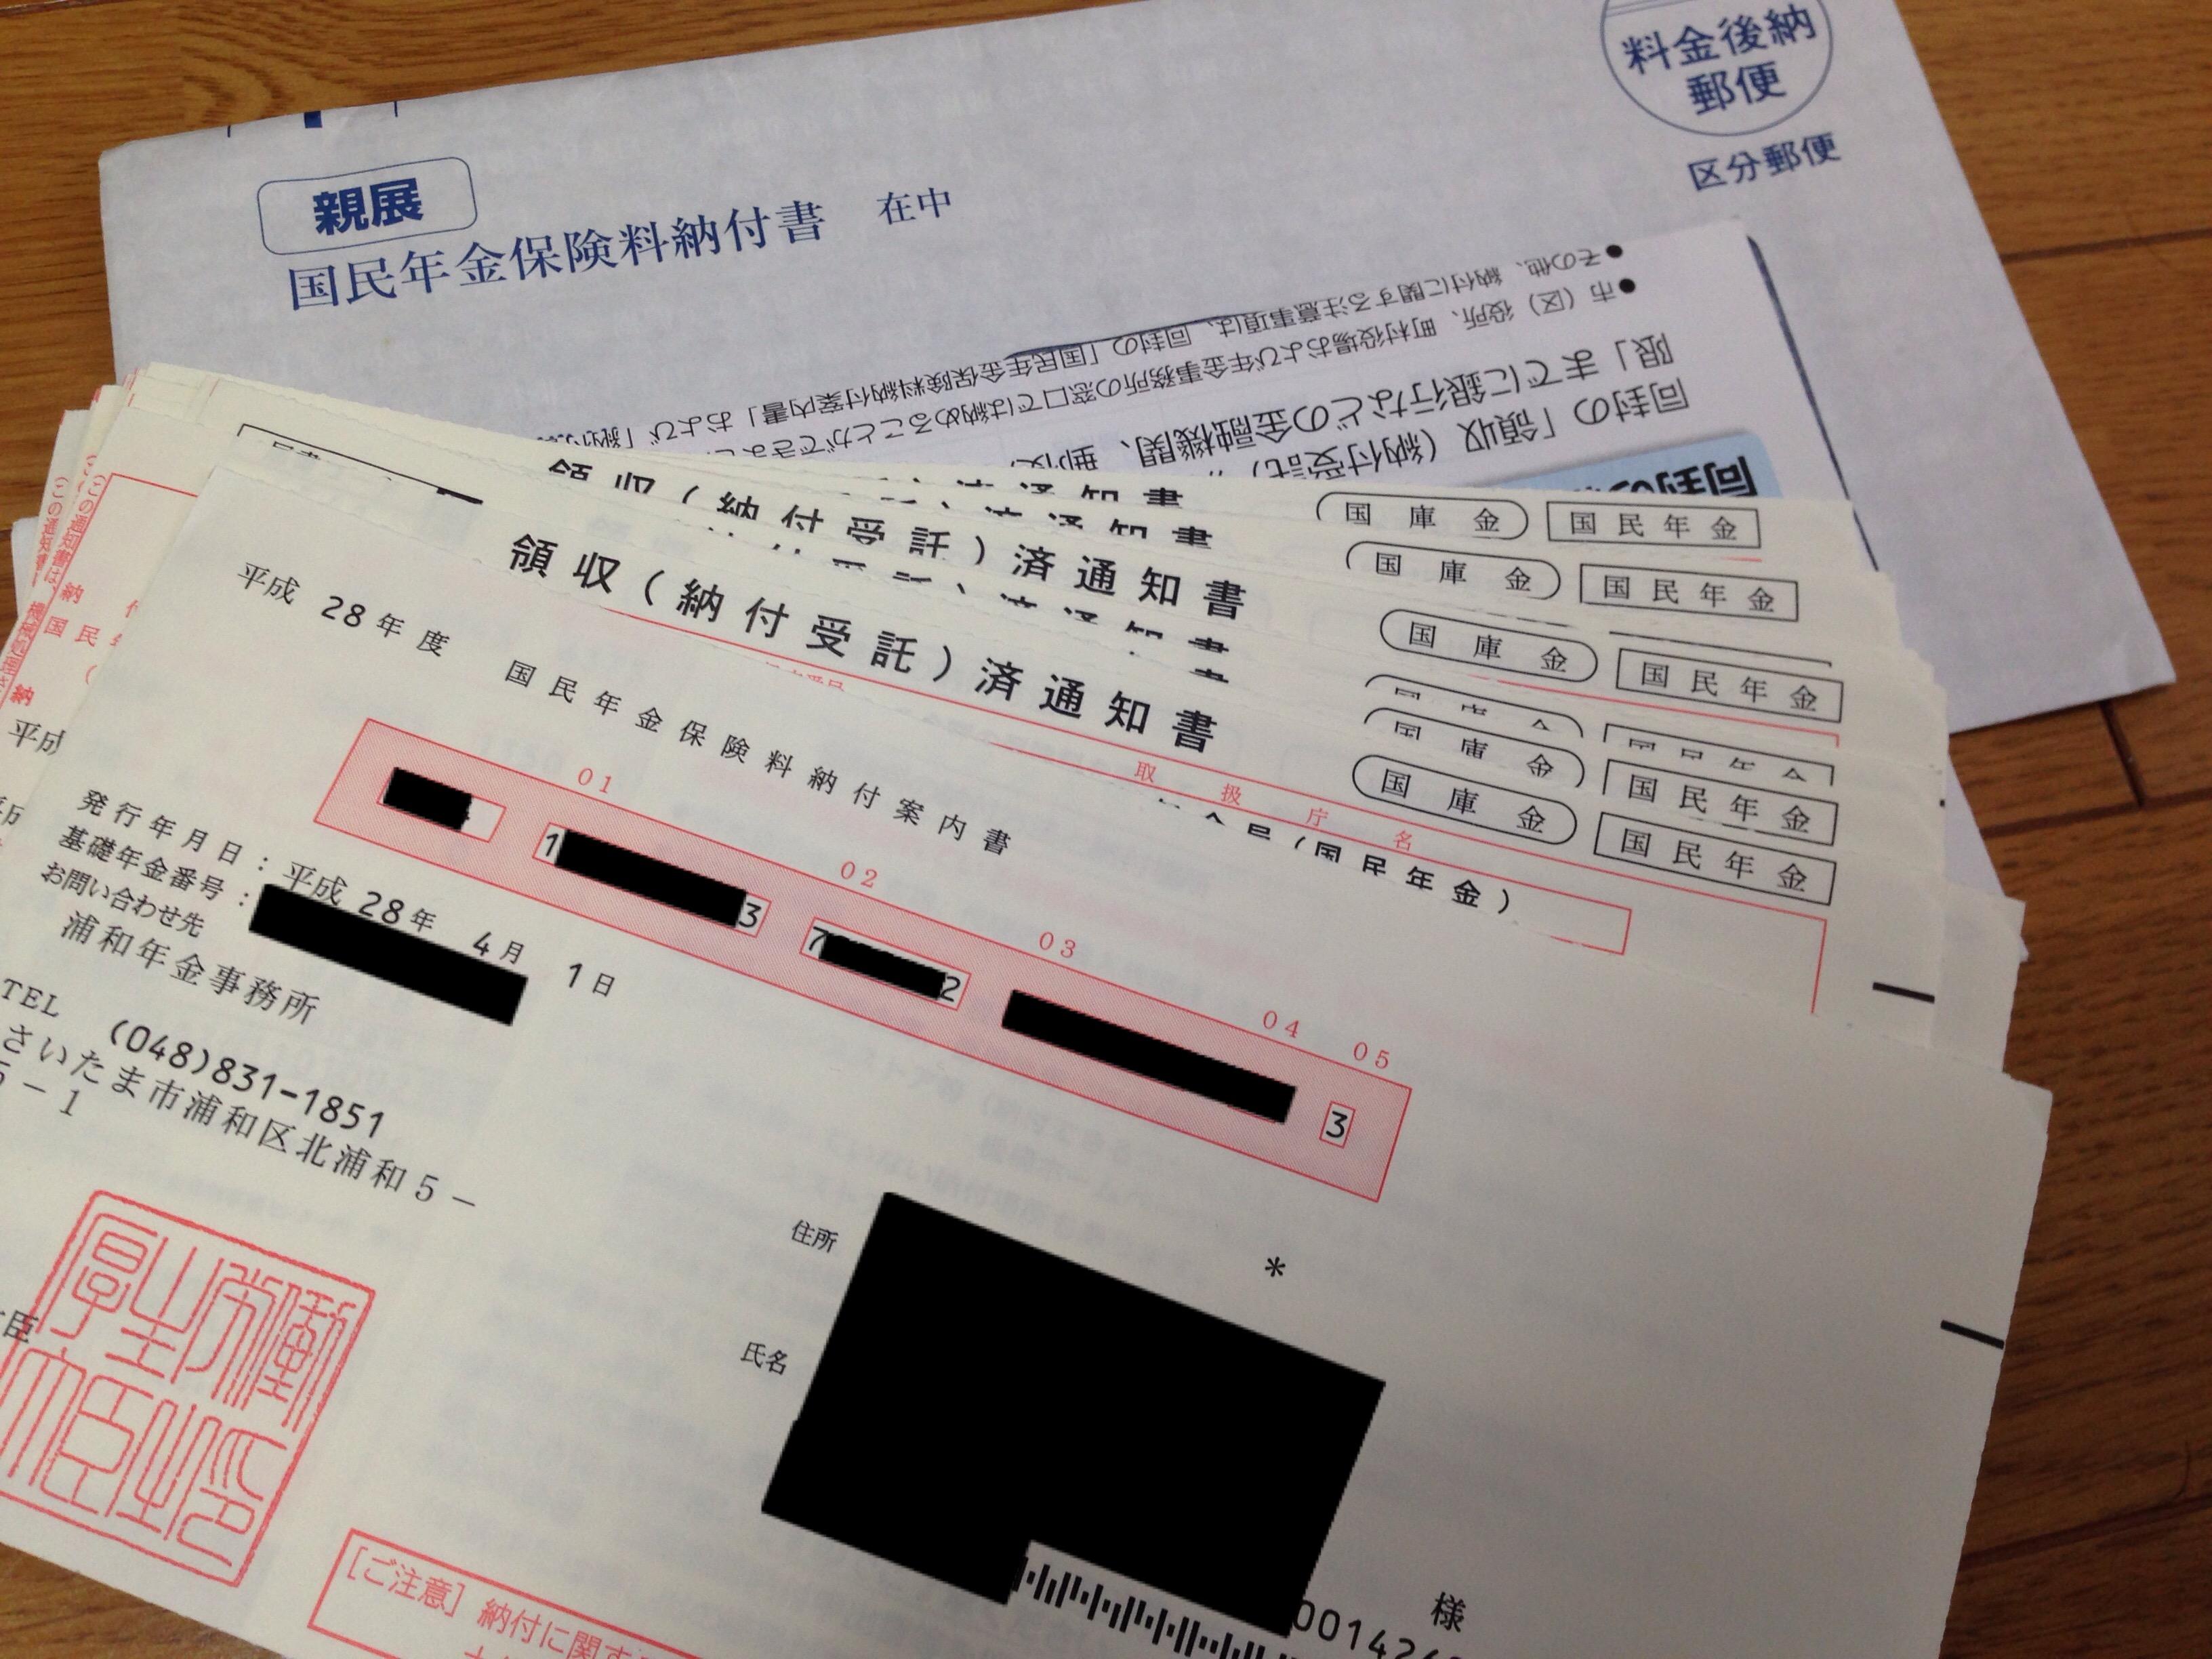 20歳になった人・大学院に進学した人へ 国民年金の学生特例申請を出したほうが絶対お得